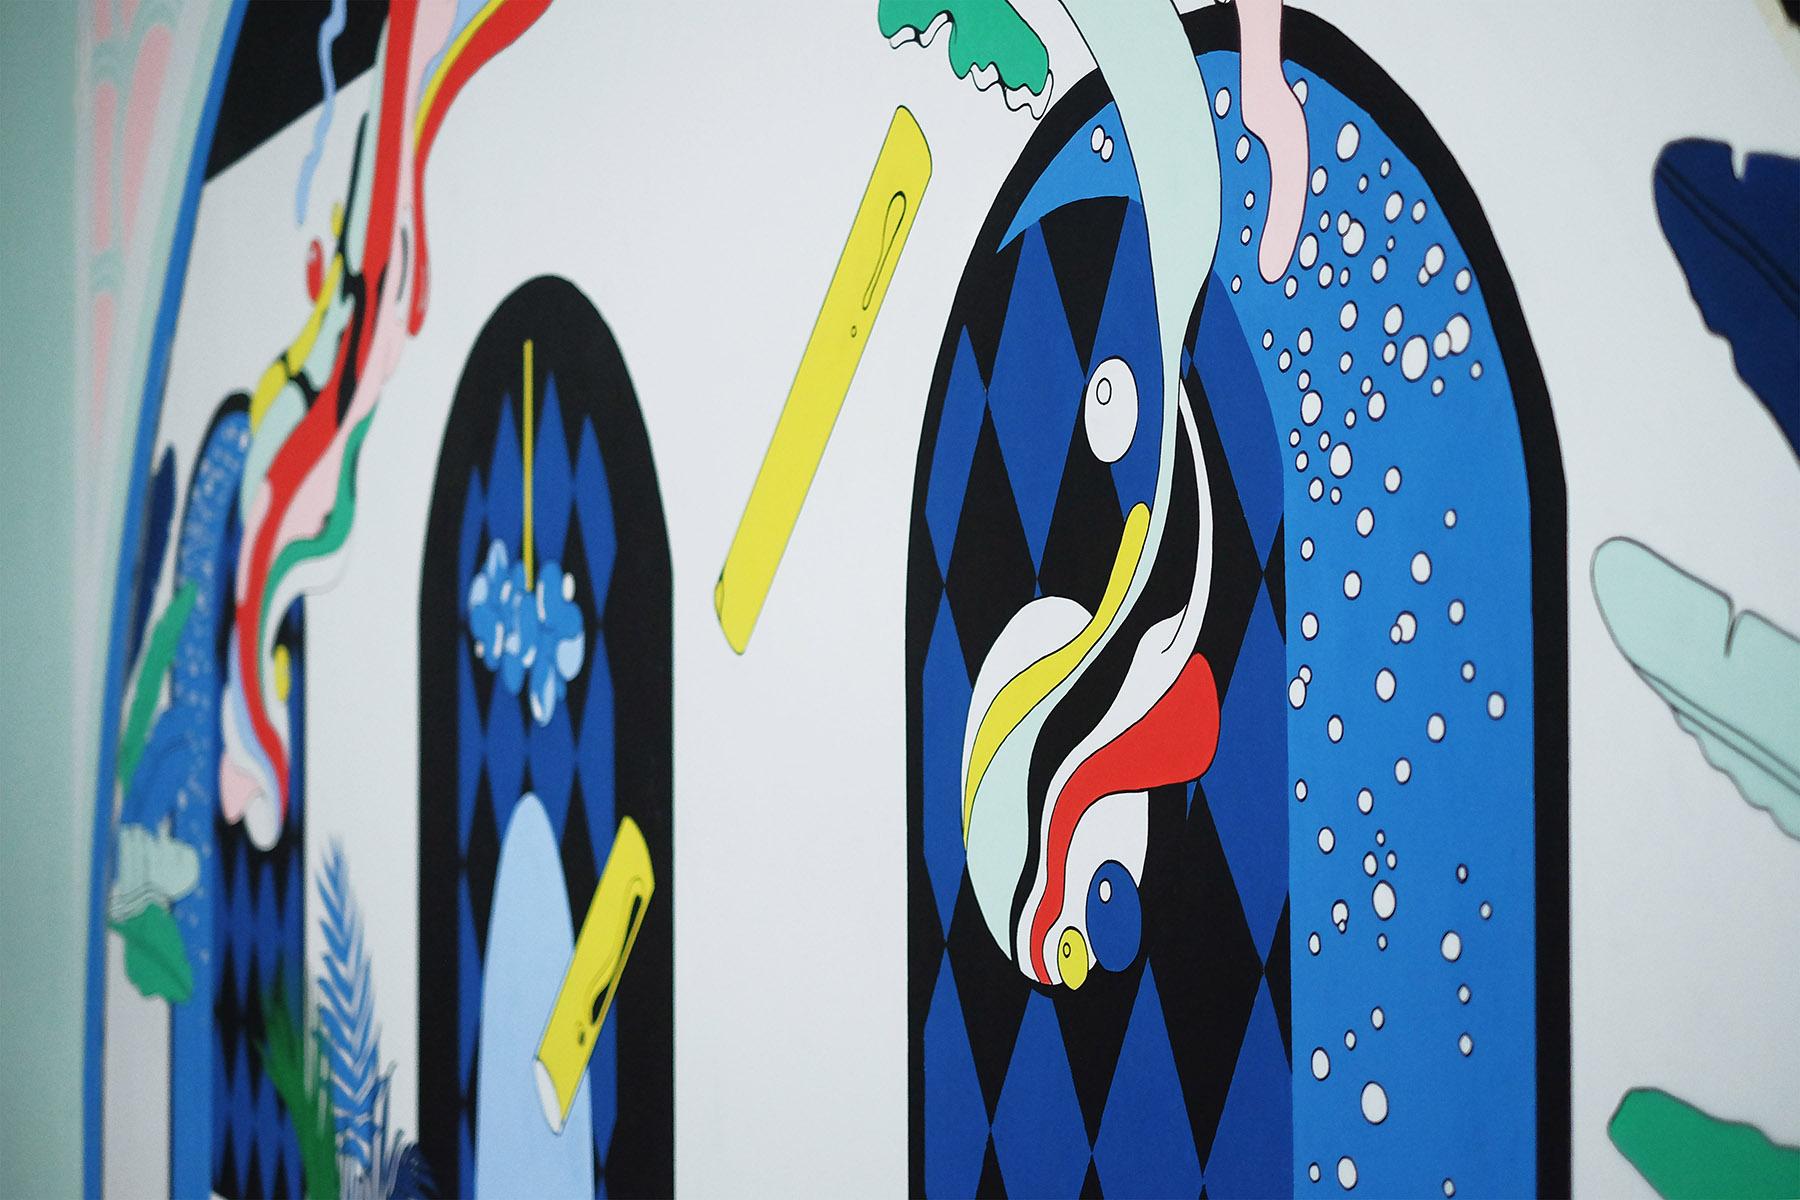 Jusco Wall 4 06 Medium Res.jpg